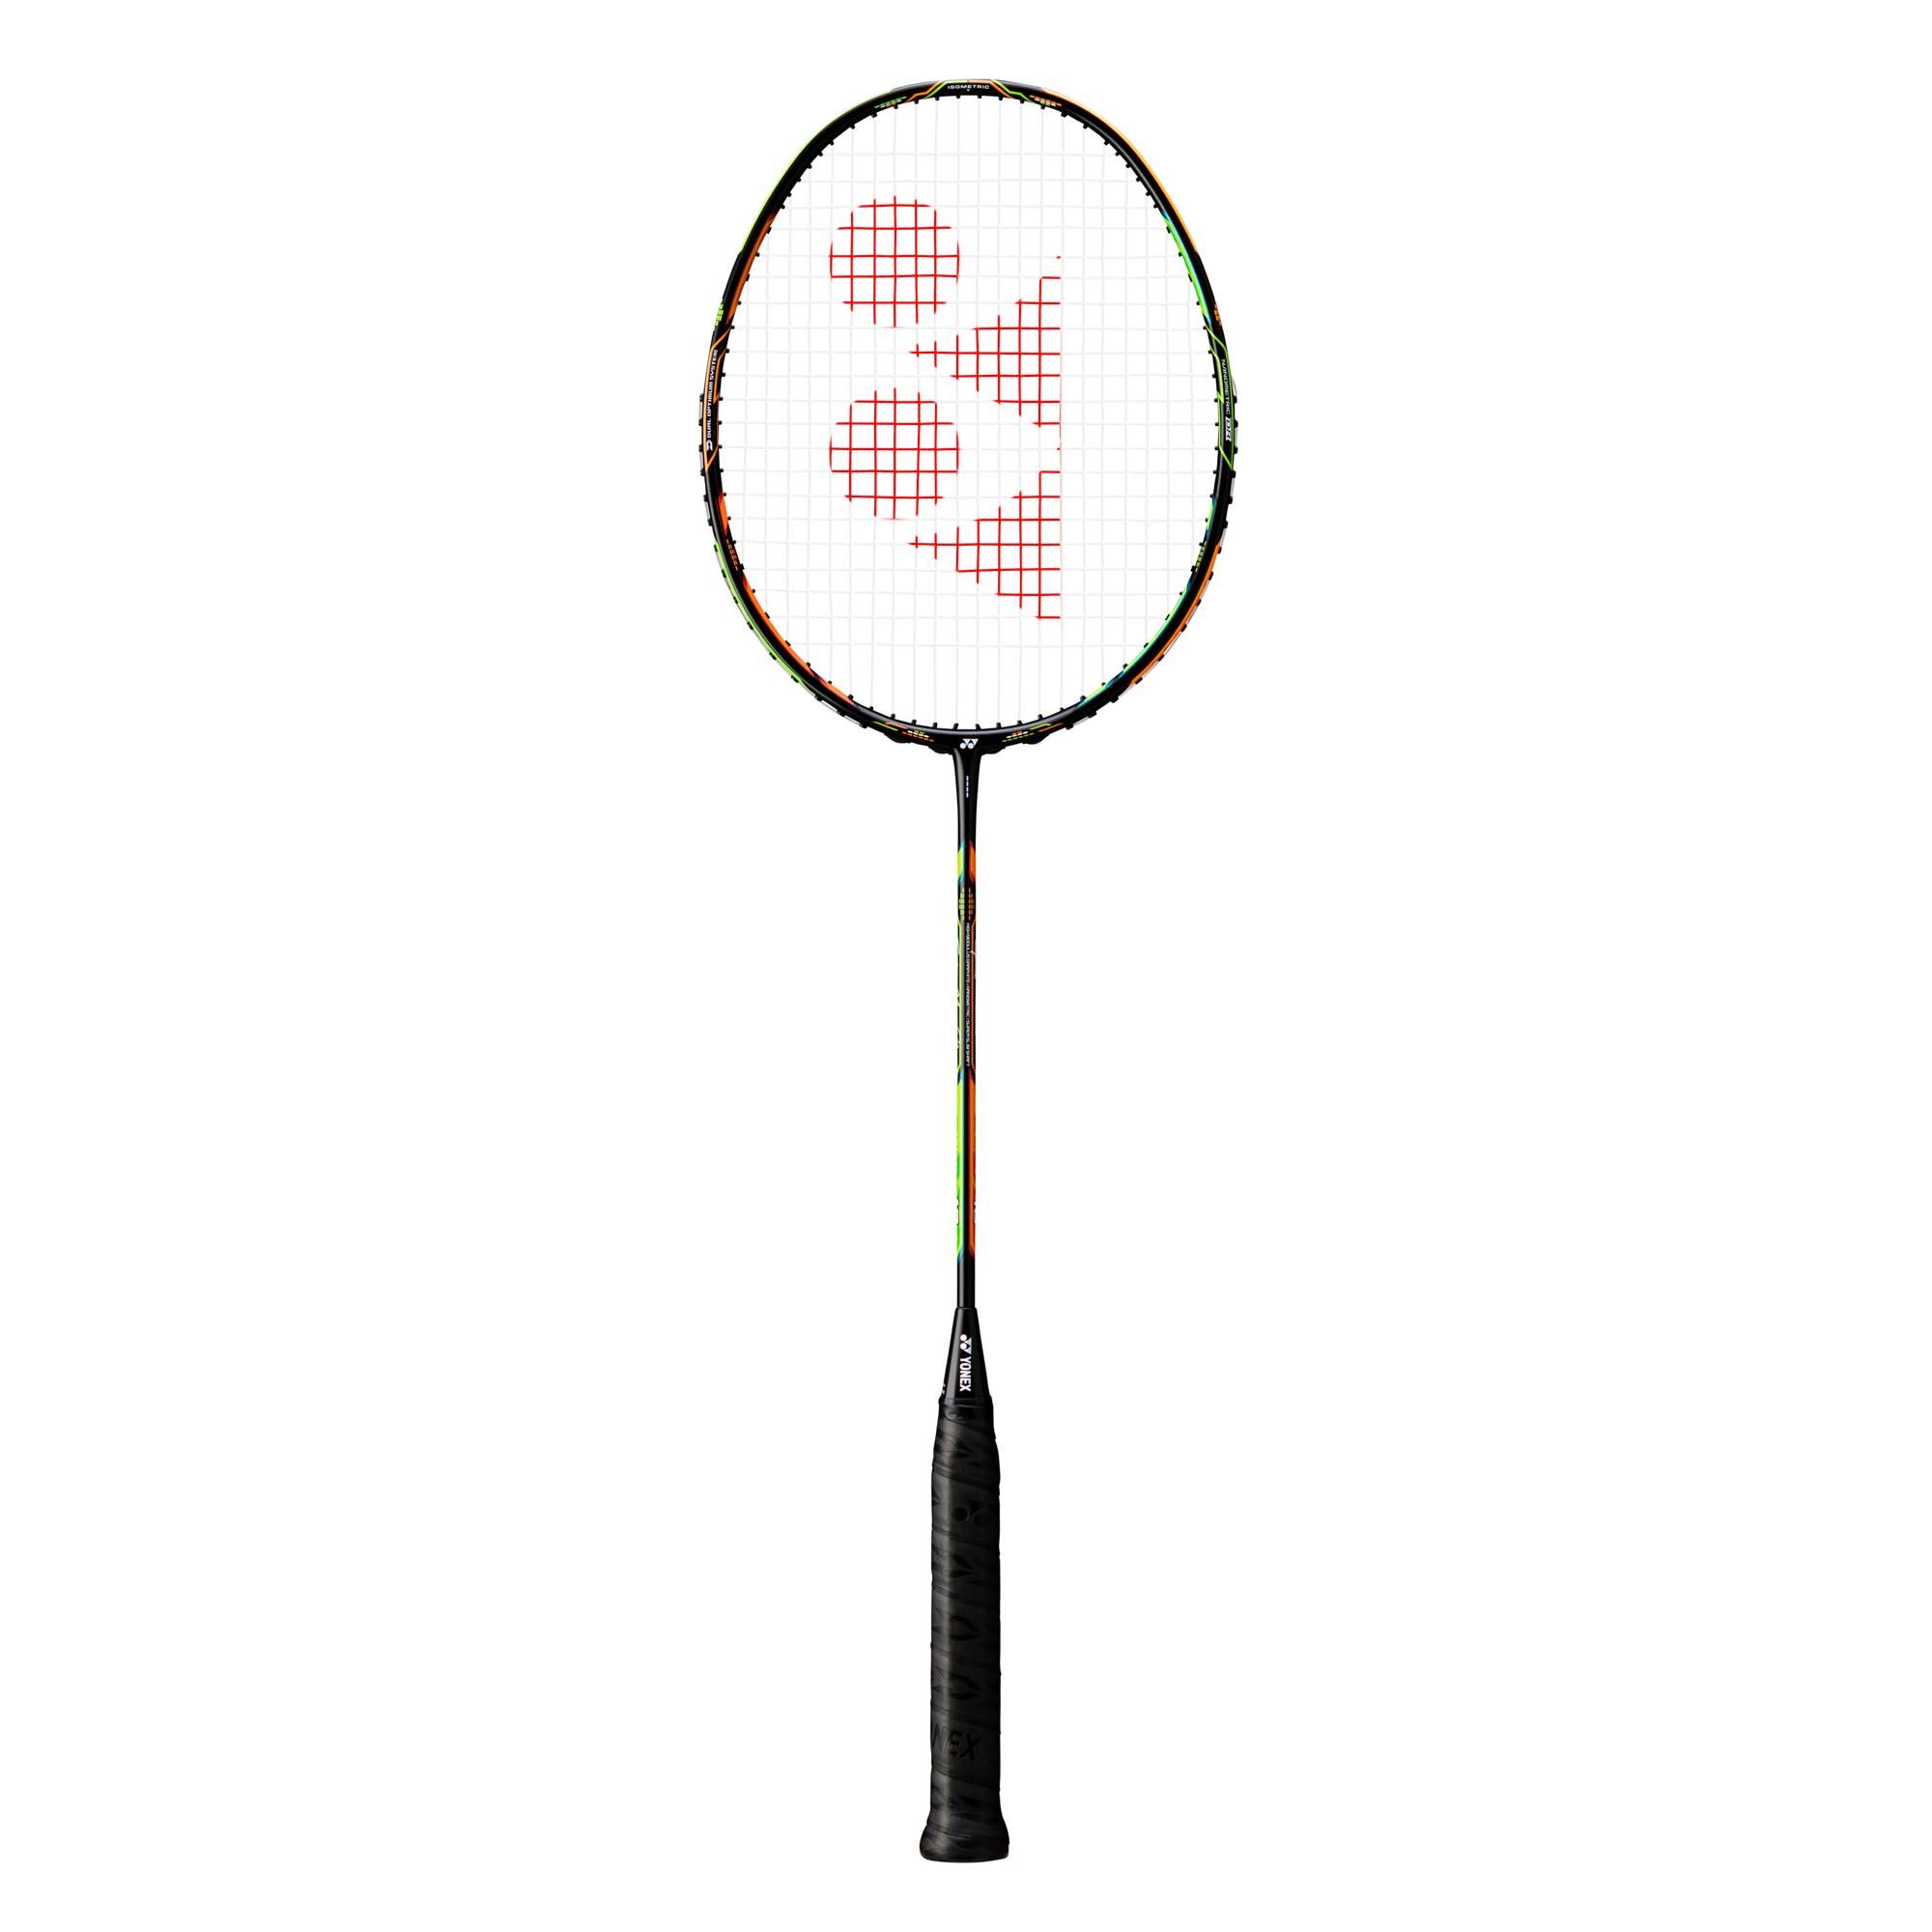 Yonex Duora 10 LV Lee Chong Wei Badminton Racket  BlackGreen